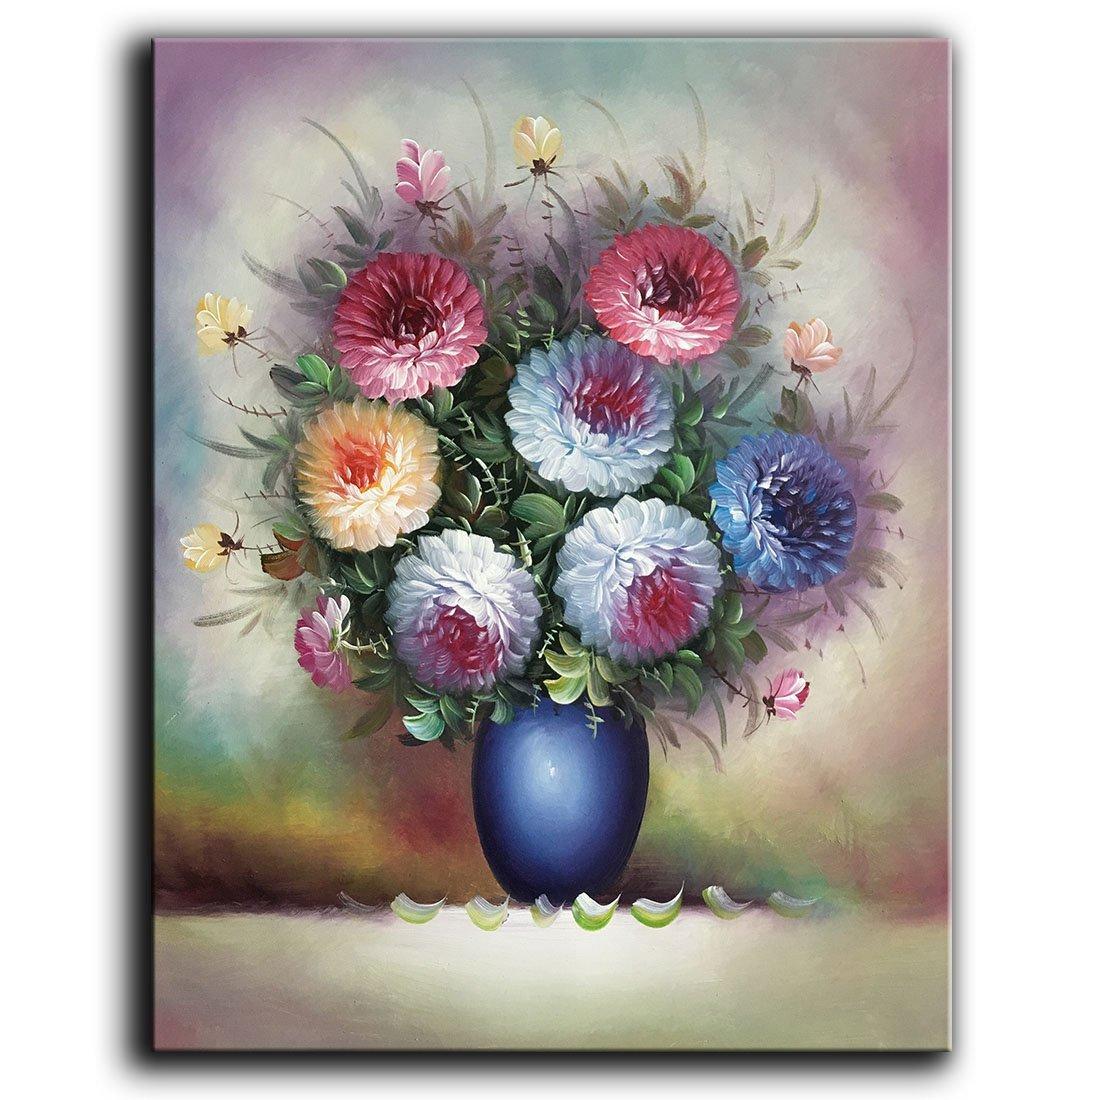 100% handgemaltes Ölgemälde auf Leinwand Schöne bunte blühende Blumen Gemälde Modern Home Decor Art